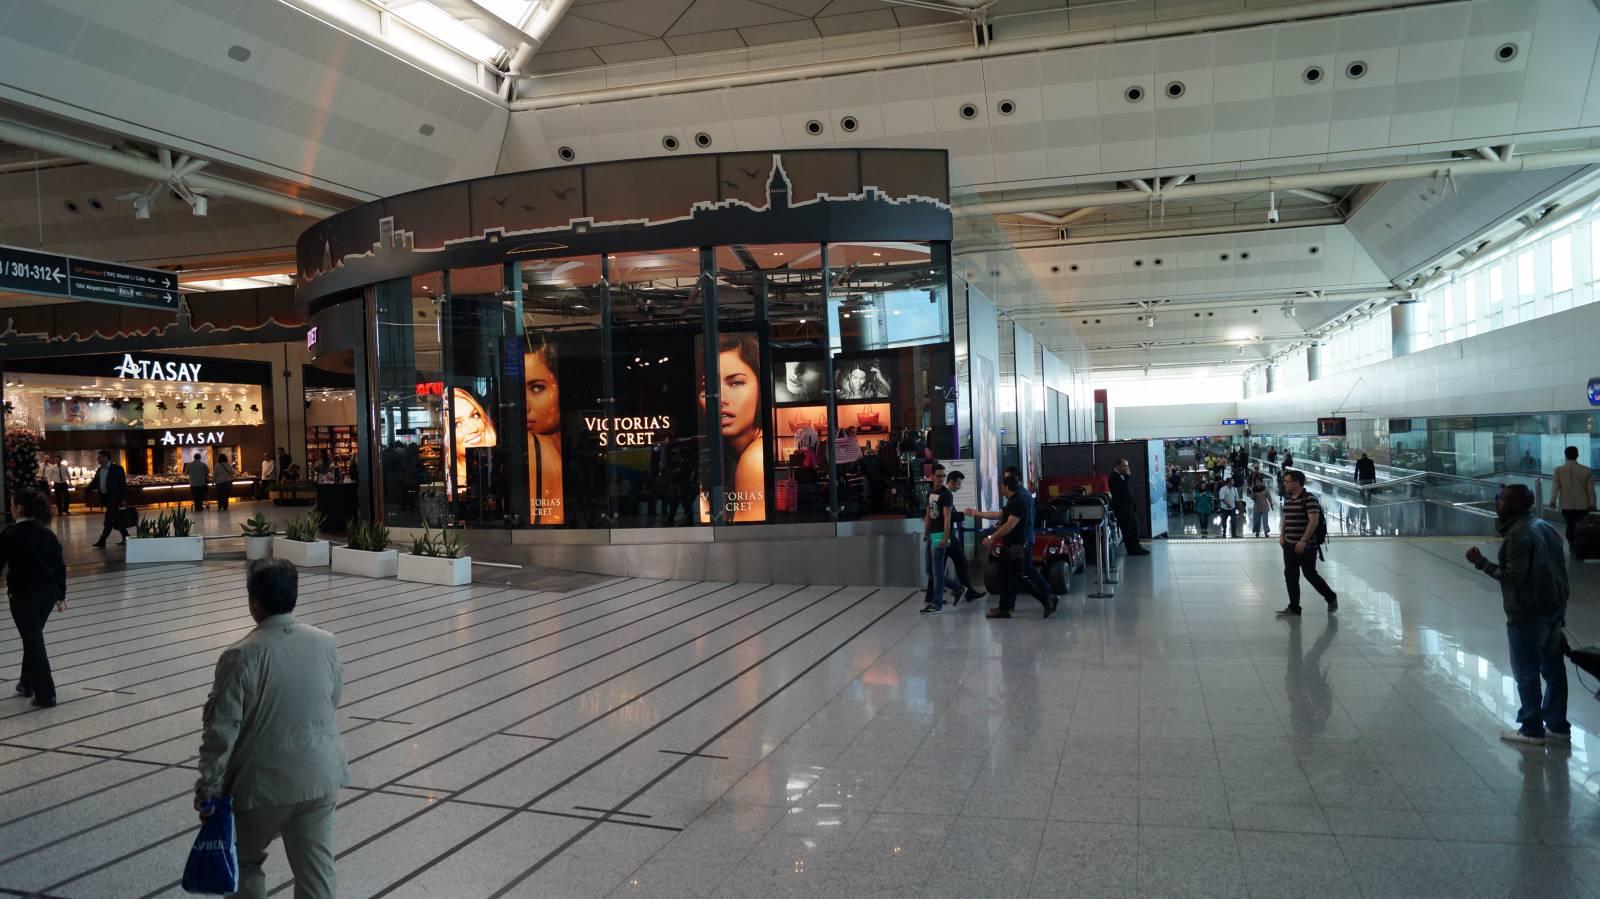 В чистой зоне аэропорта имени Ататюрка в Стамбуле